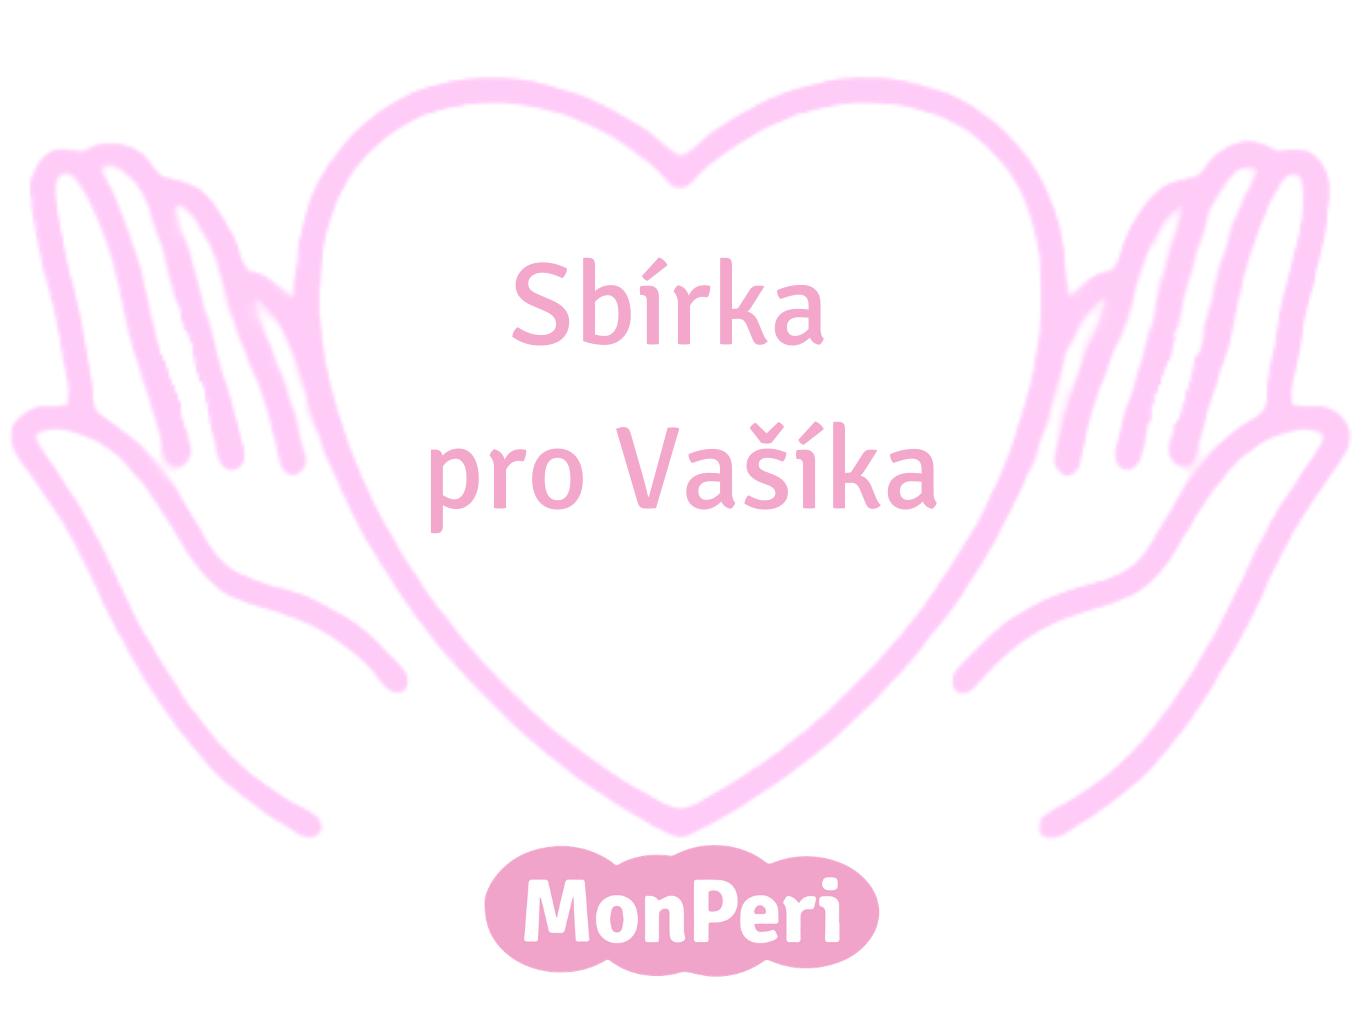 Sbírka pro Vašíka a děti s EB - Pomáháme s MonPeri